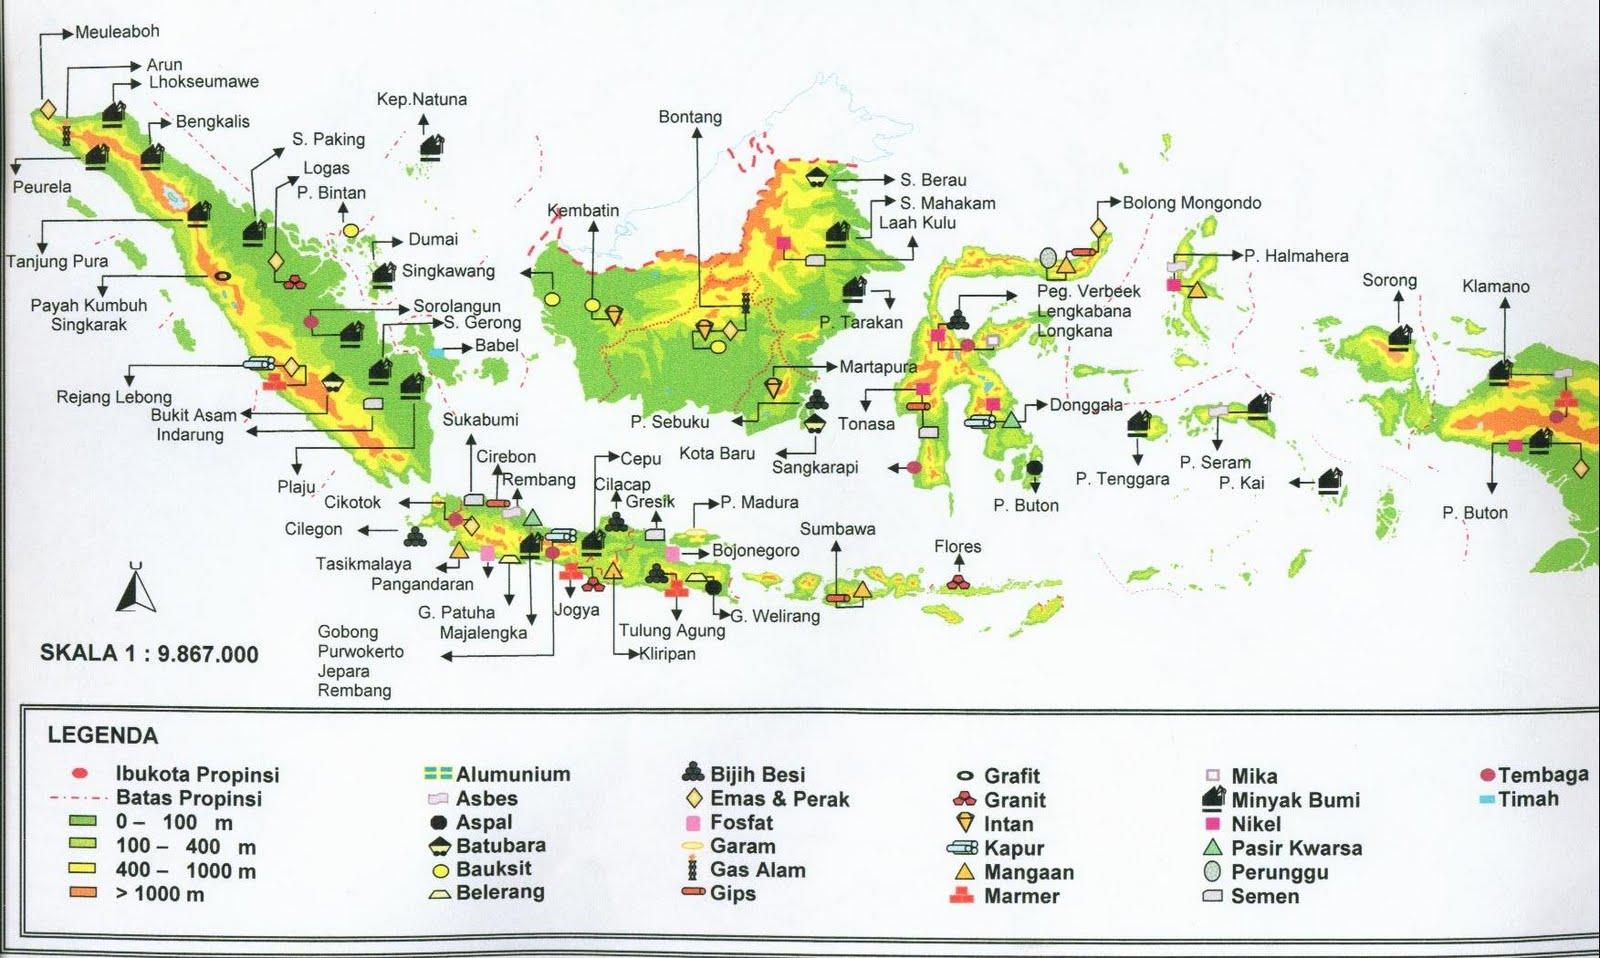 Persebaran Sumber Daya Alam Tambang di Indonesia